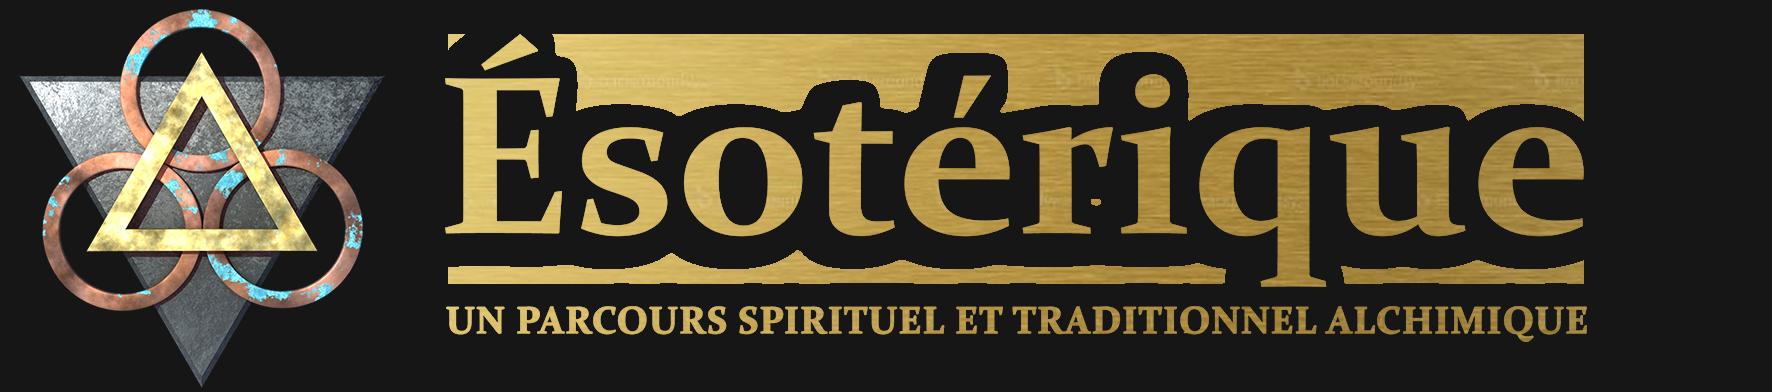 Ésoterique